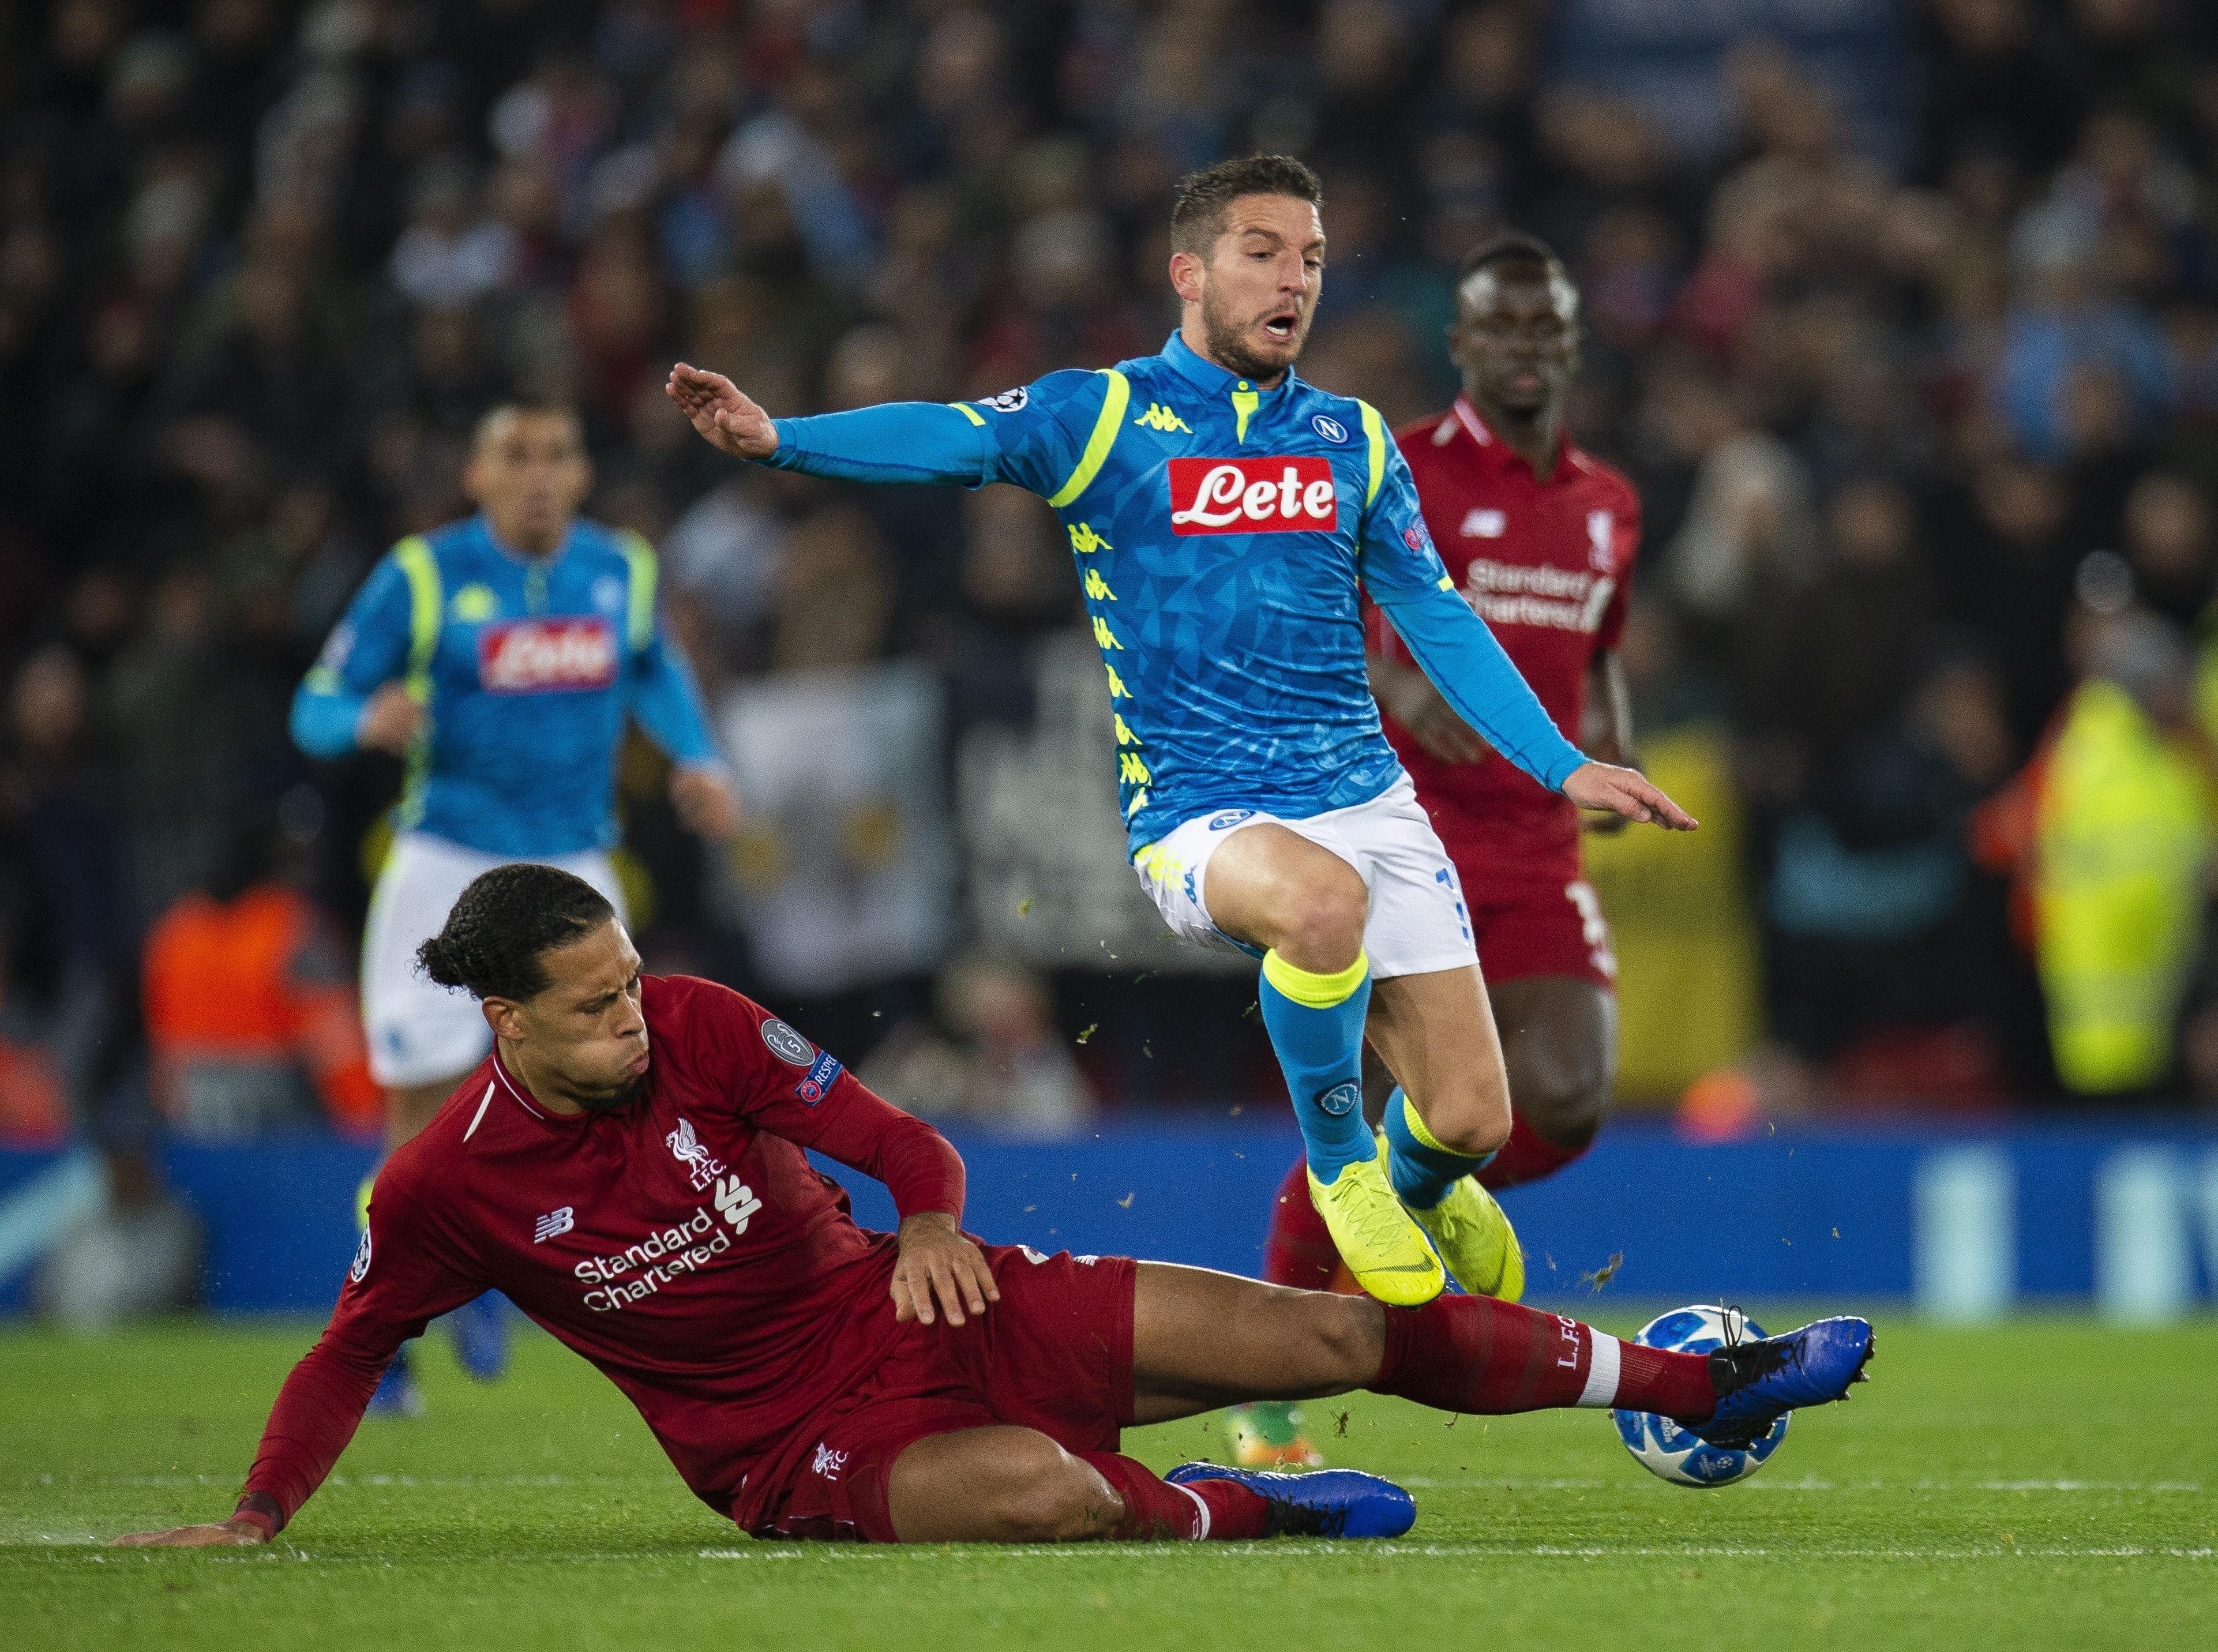 Liverpool i PSG gurnuli Napoli u Europsku ligu, Inter kiksao